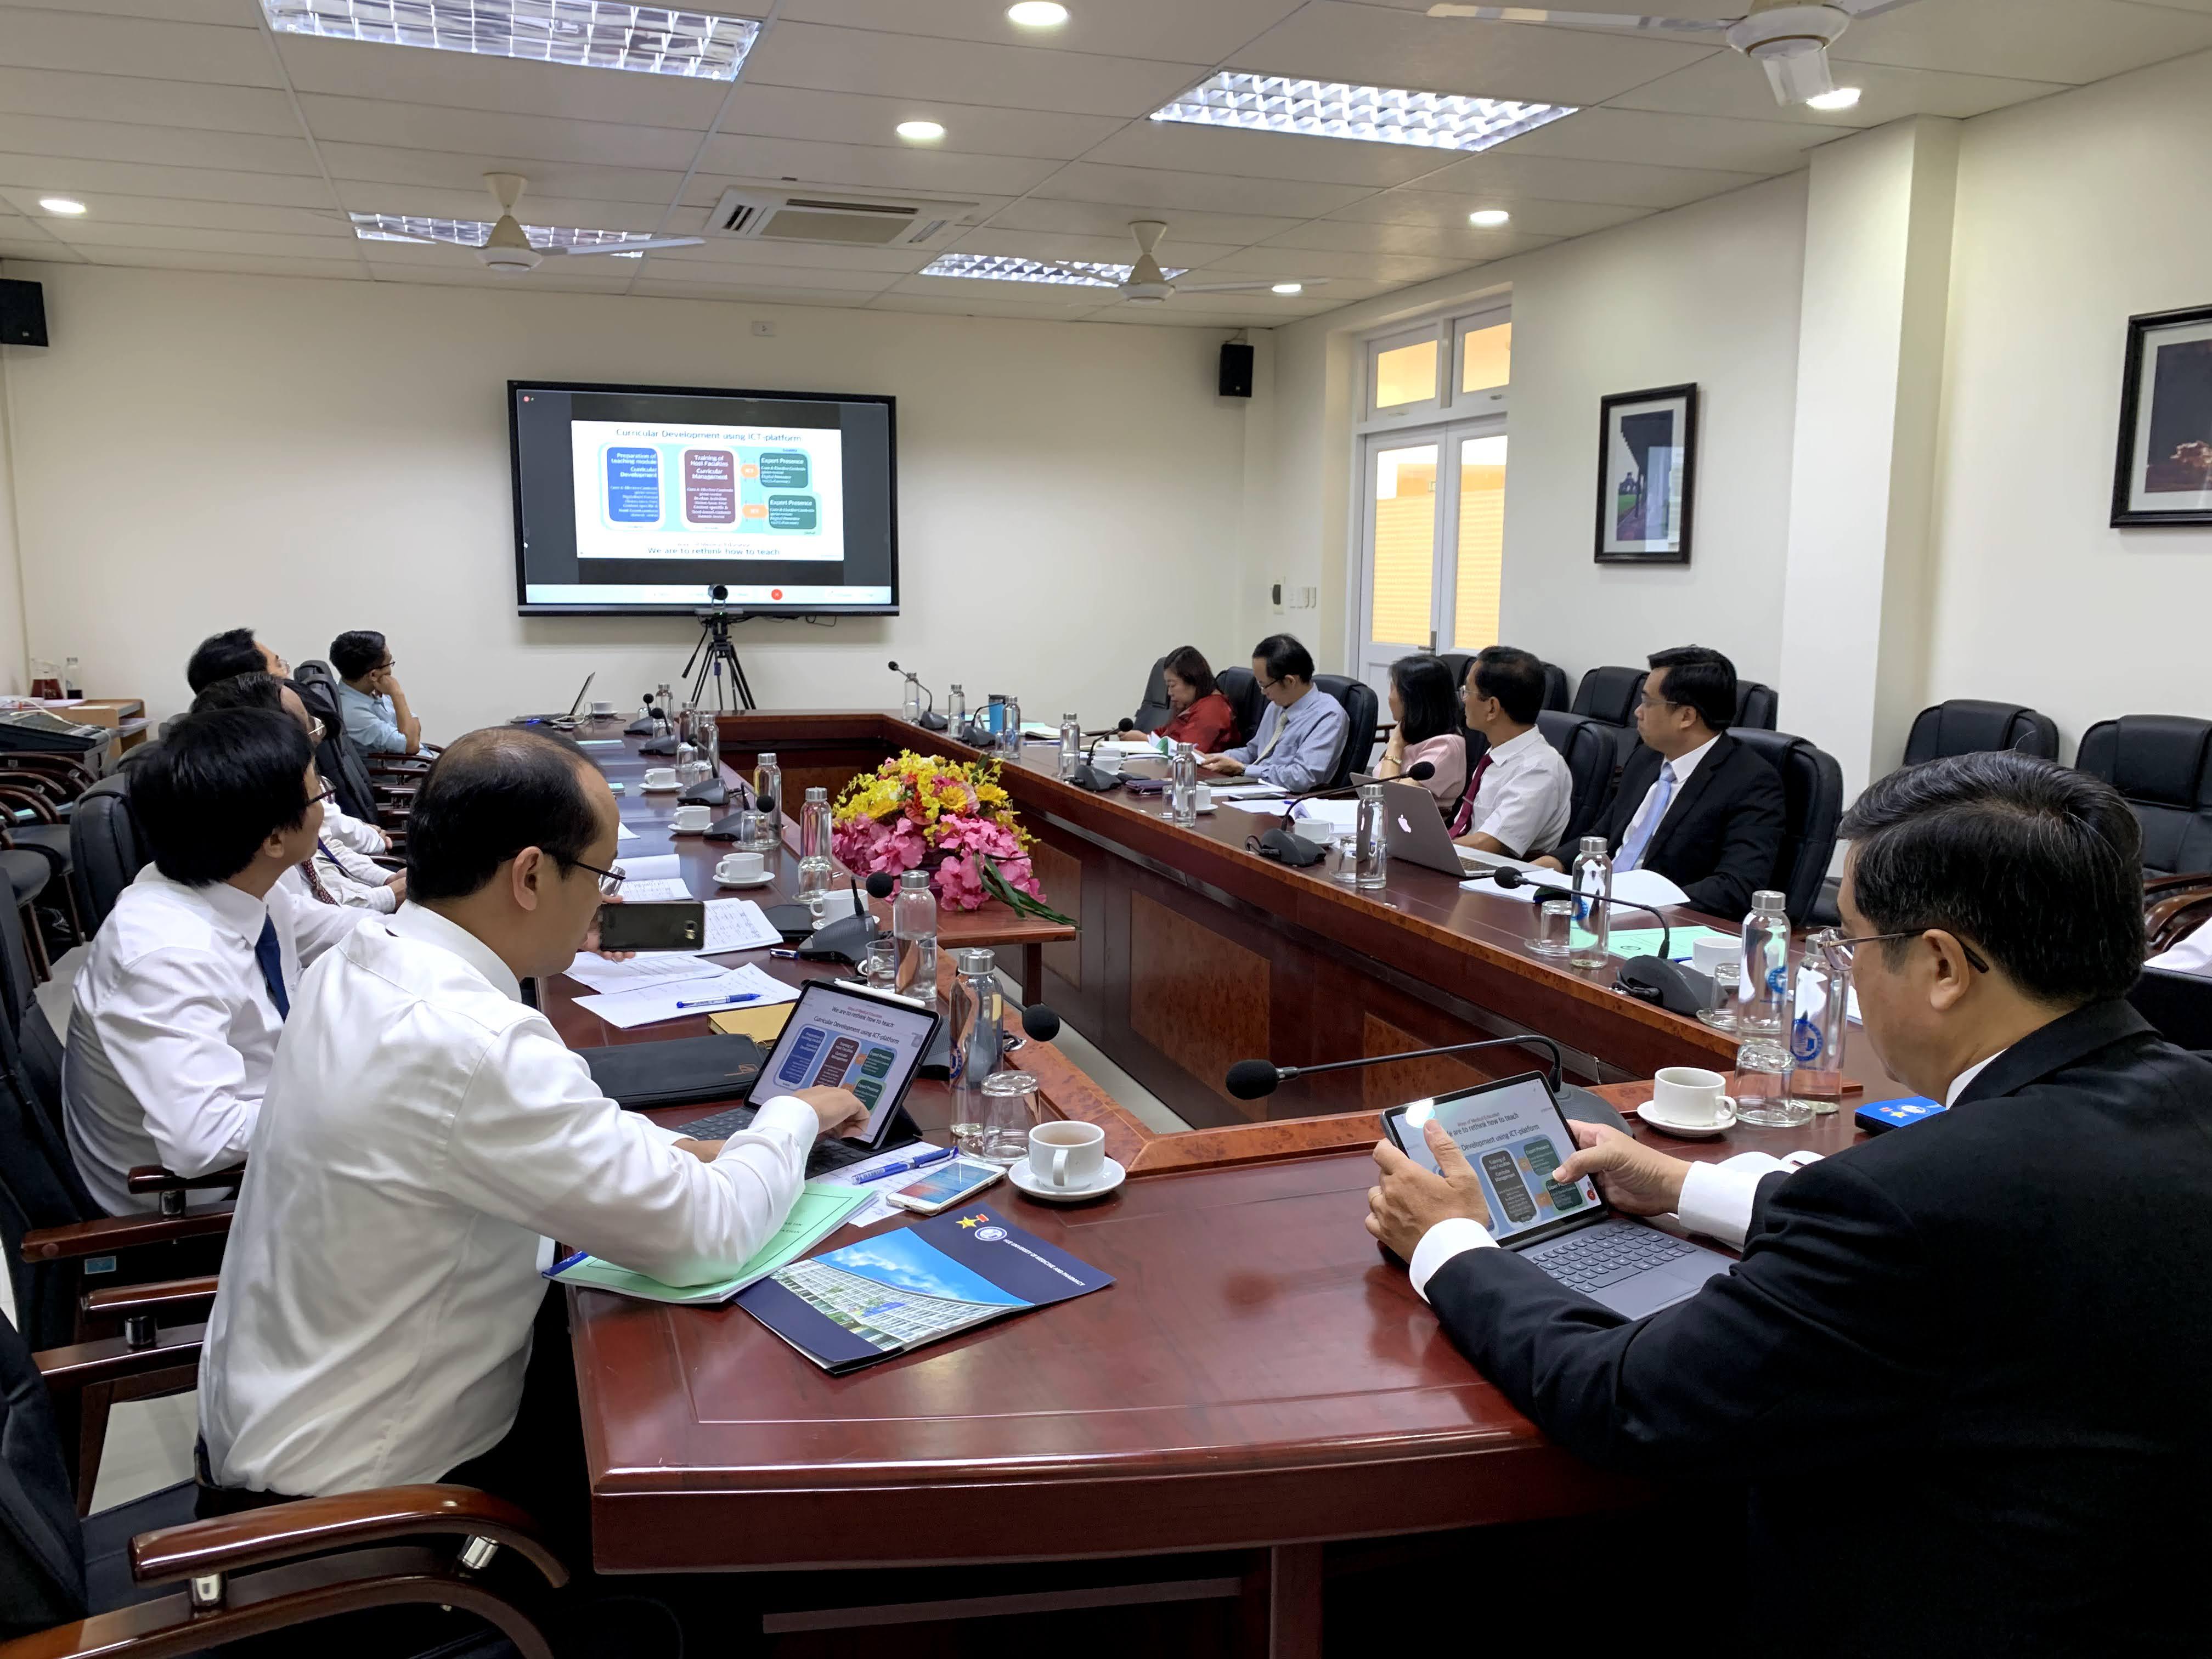 Hội thảo Webinar về giáo dục y khoa trong bối cảnh dịch bệnh Covid-19